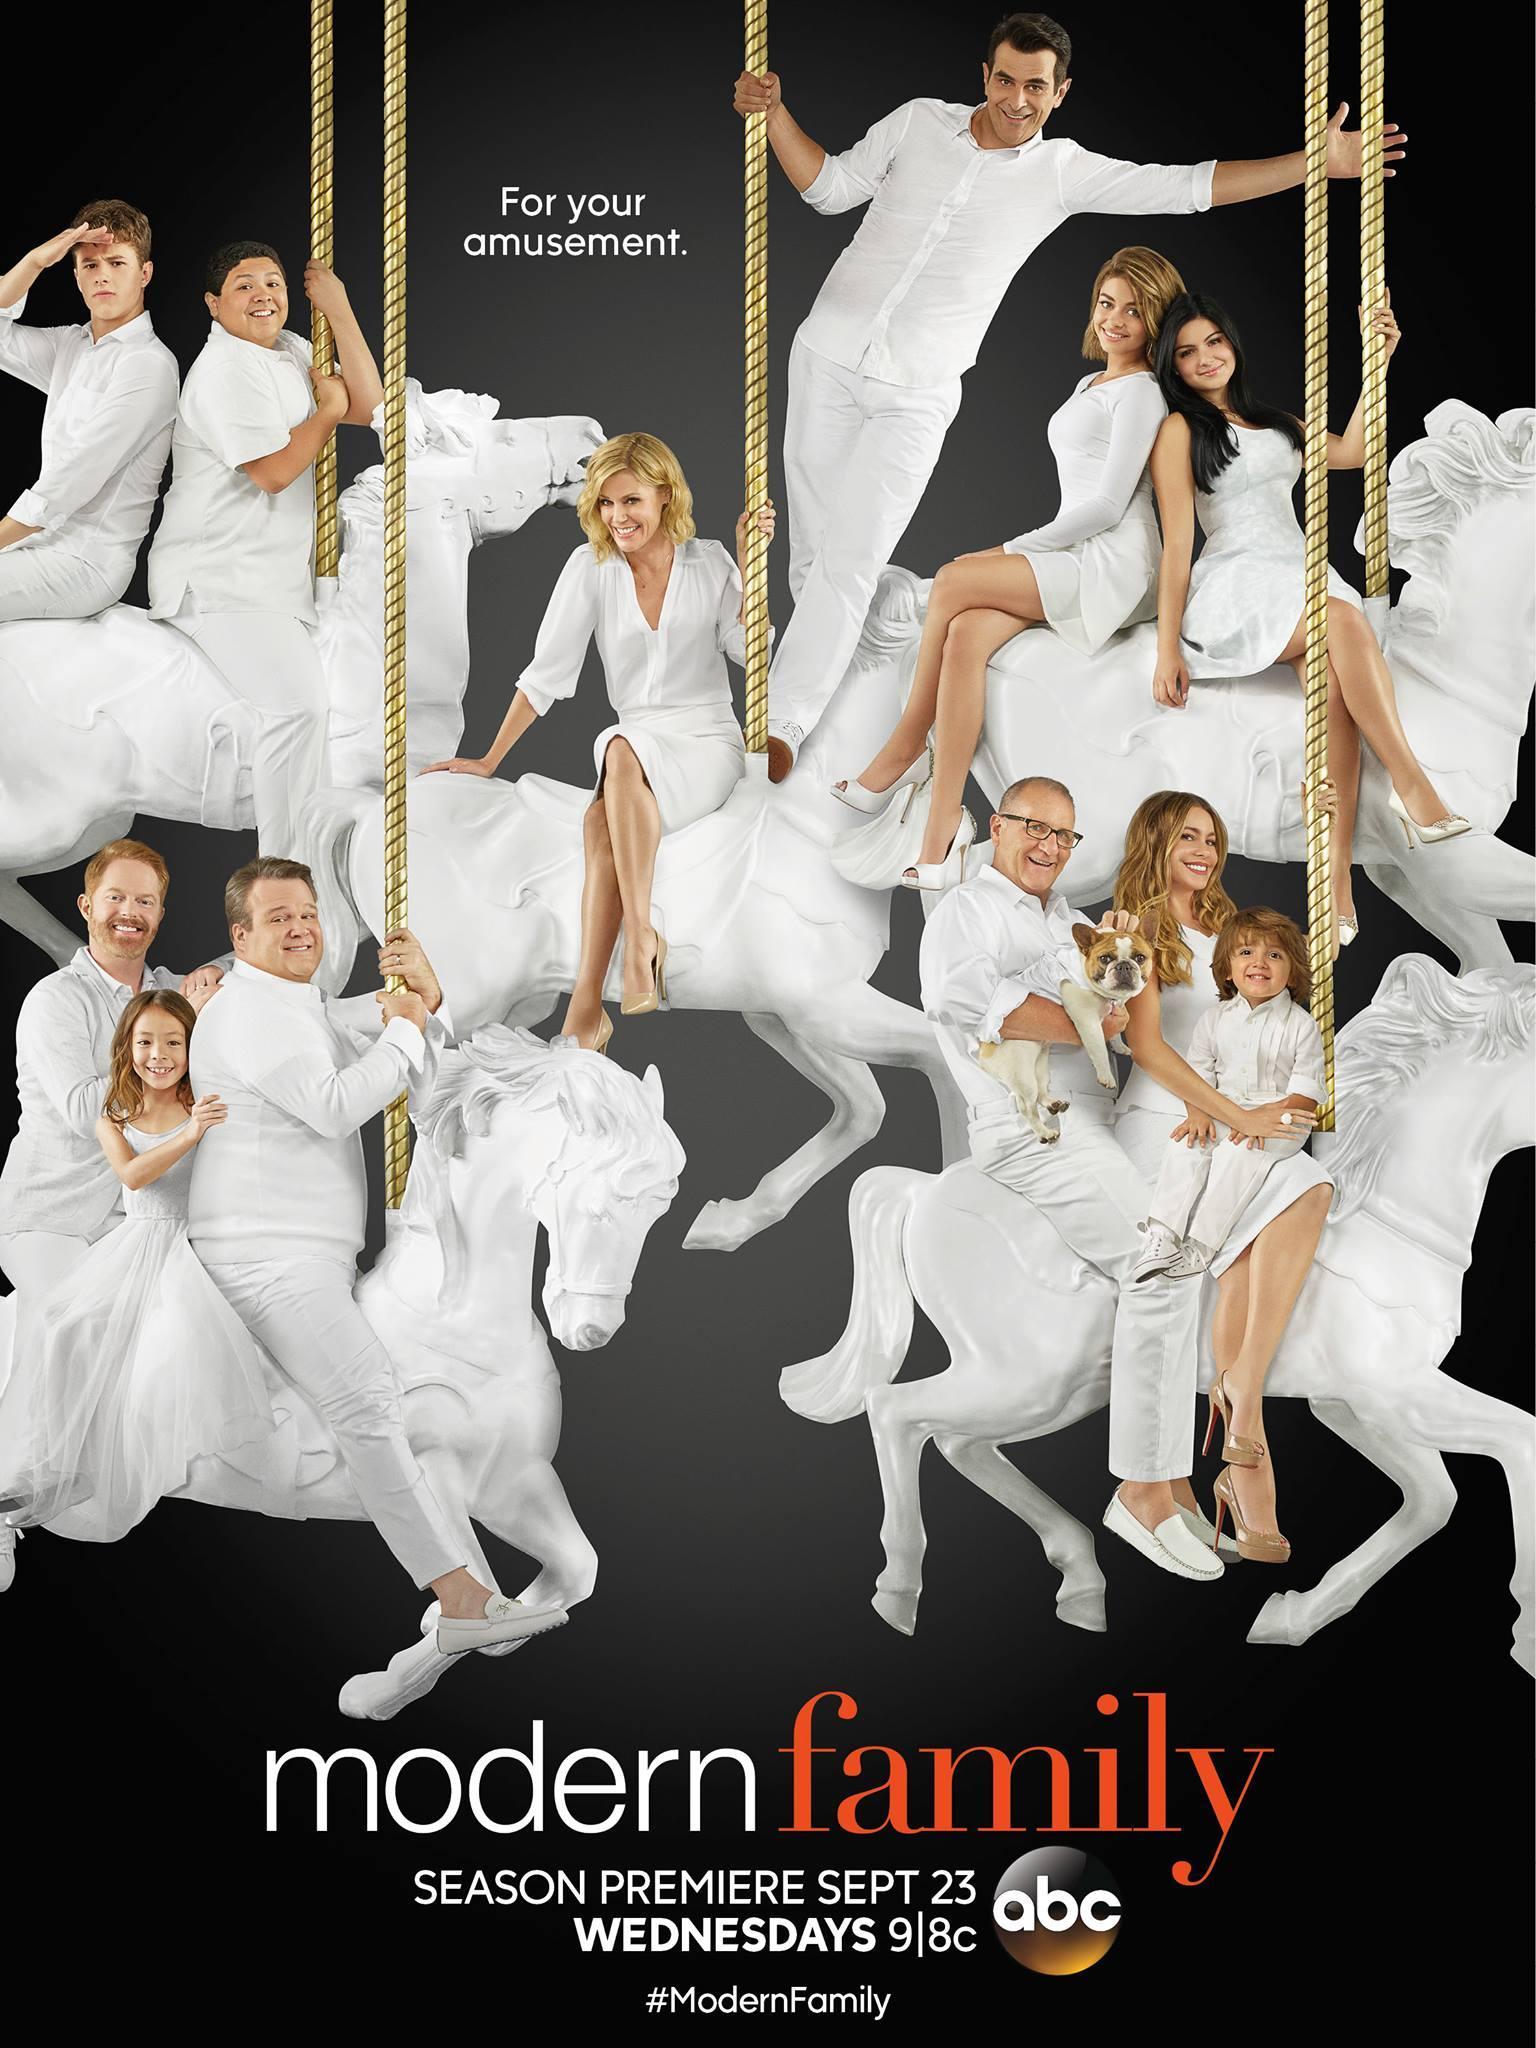 Modern Family Poster - Season 7